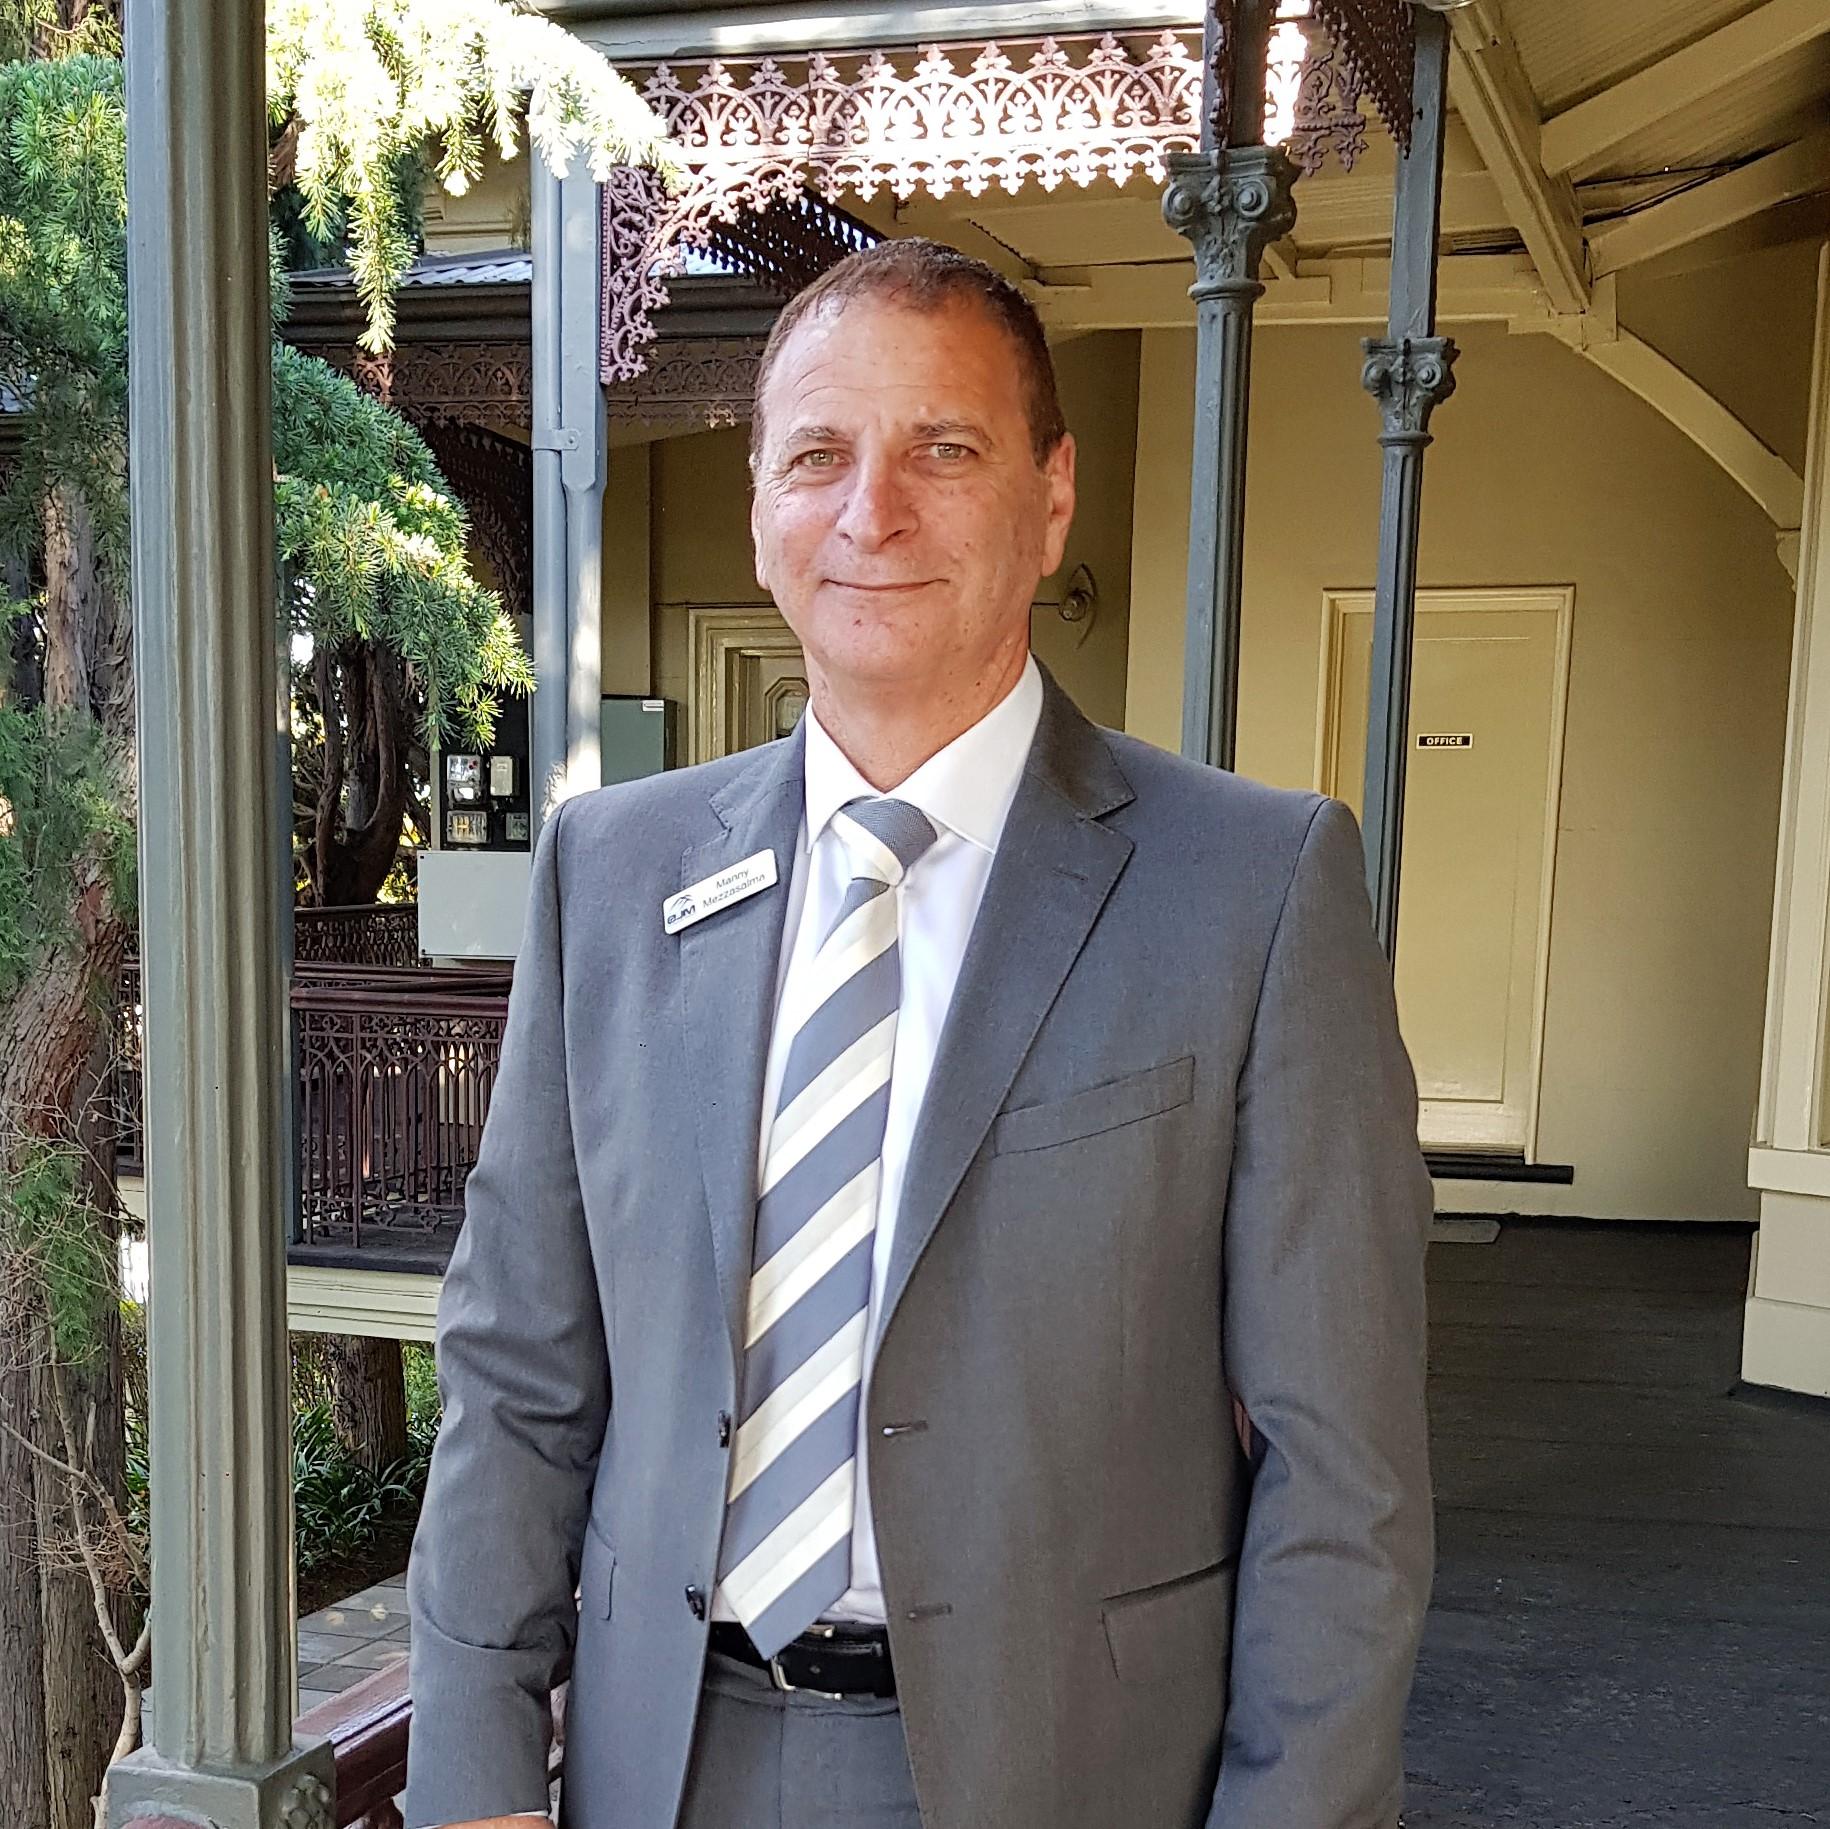 Manny Mezzasalma - CEO